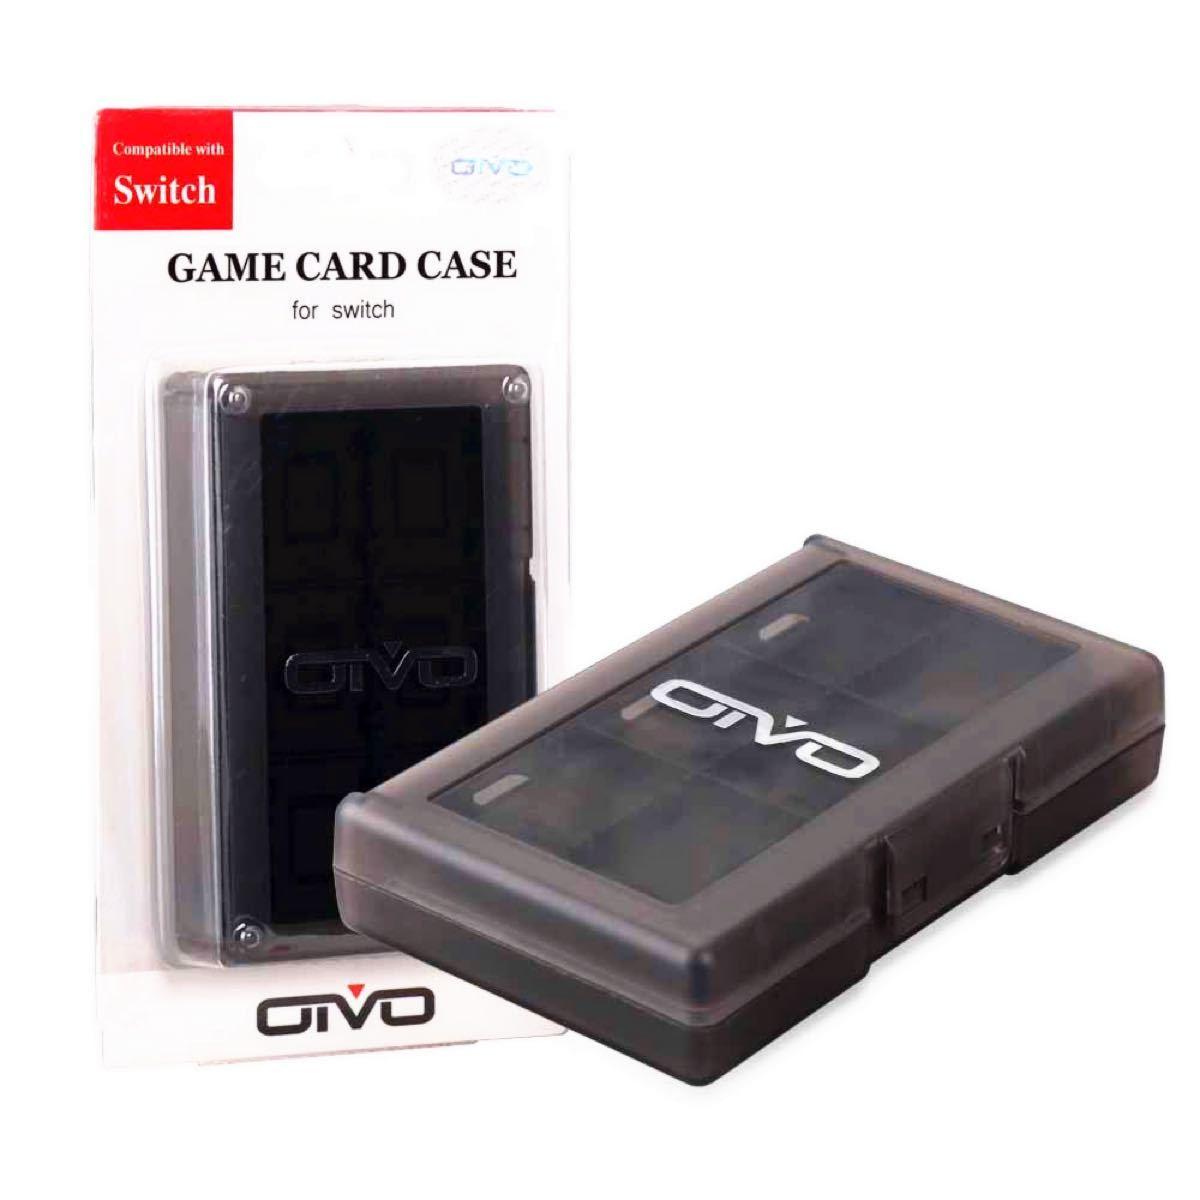 ニンテンドー スイッチ 対応 任天堂スイッチ カードケース24(ブラック) for Nintendo Switch カードケース